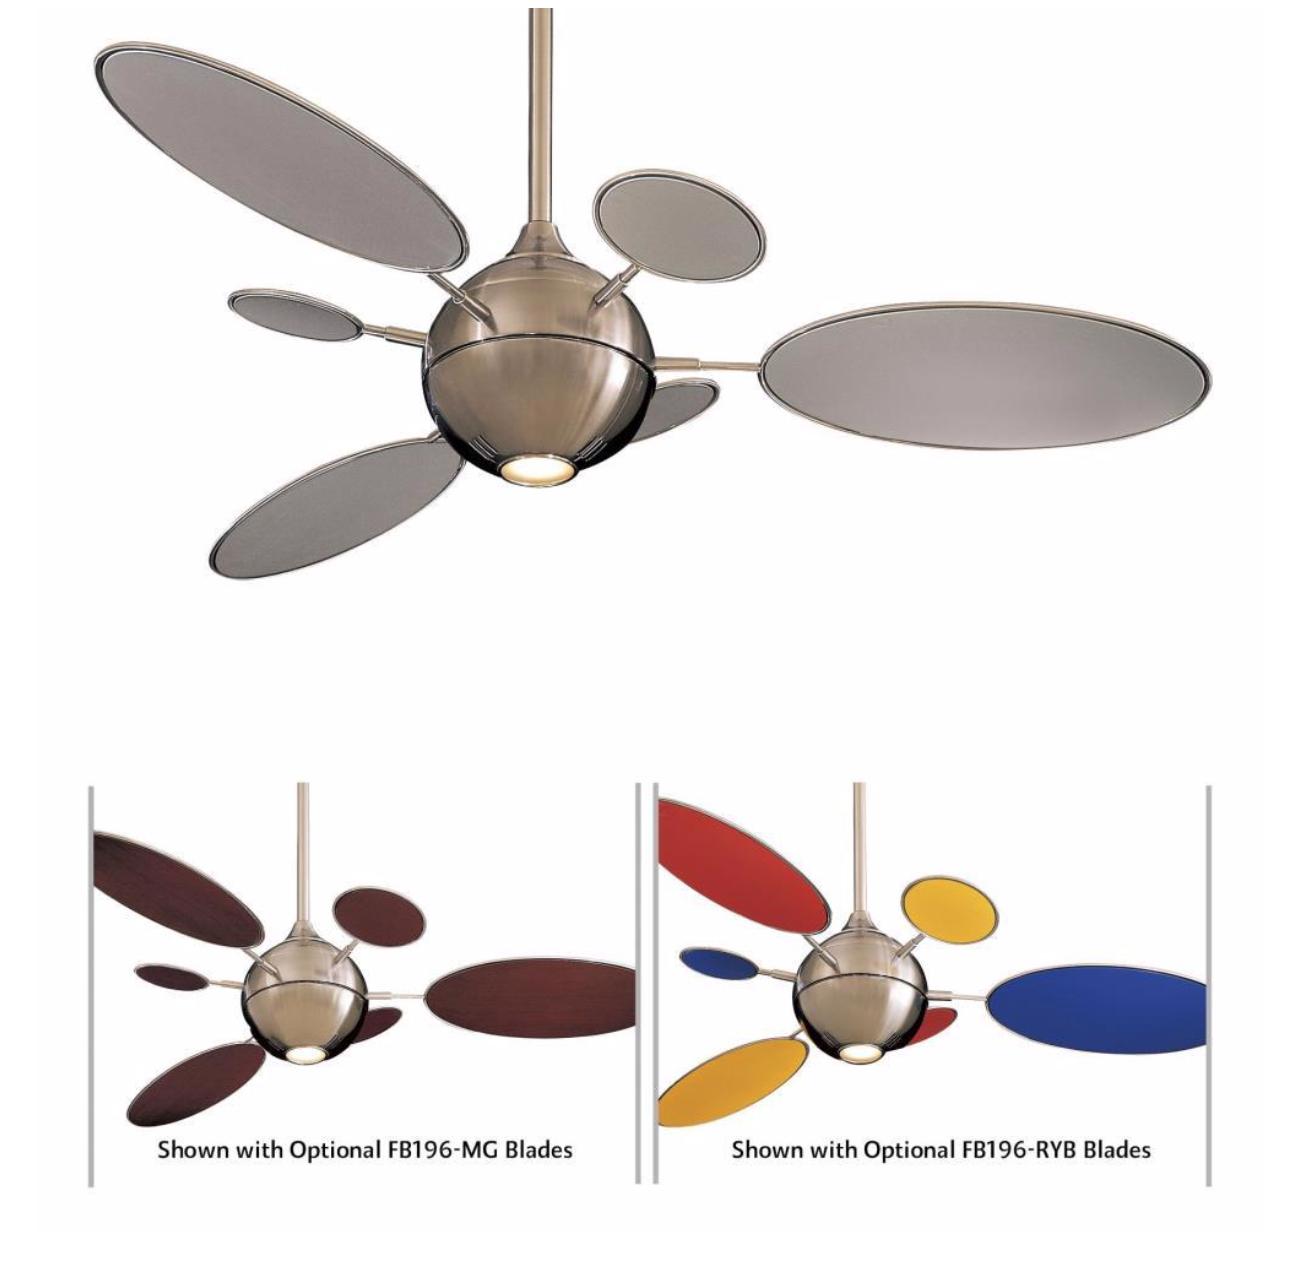 Rod Length S 6 X 0 75dimable True Internal Alternate Amps 0 44 Ceiling Fan Minka Aire Ceiling Fan Ceiling Fan With Light